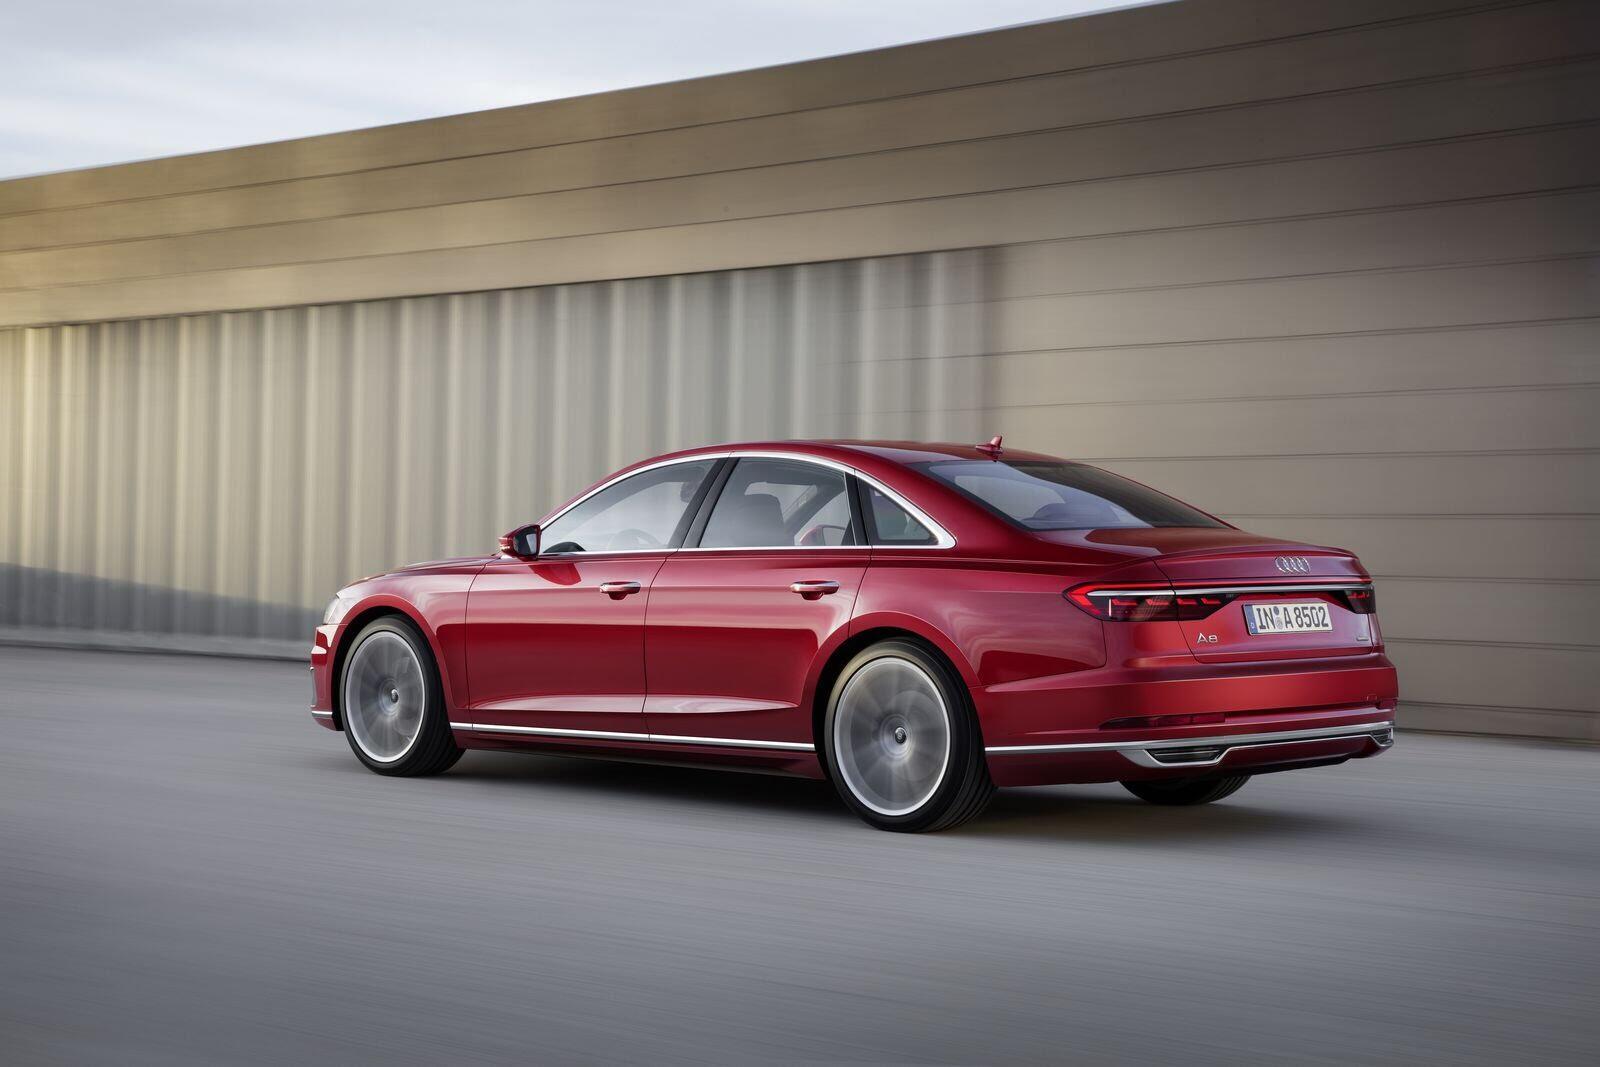 Audi A8 hoàn toàn mới chính thức ra mắt với đầy ắp công nghệ - Hình 5